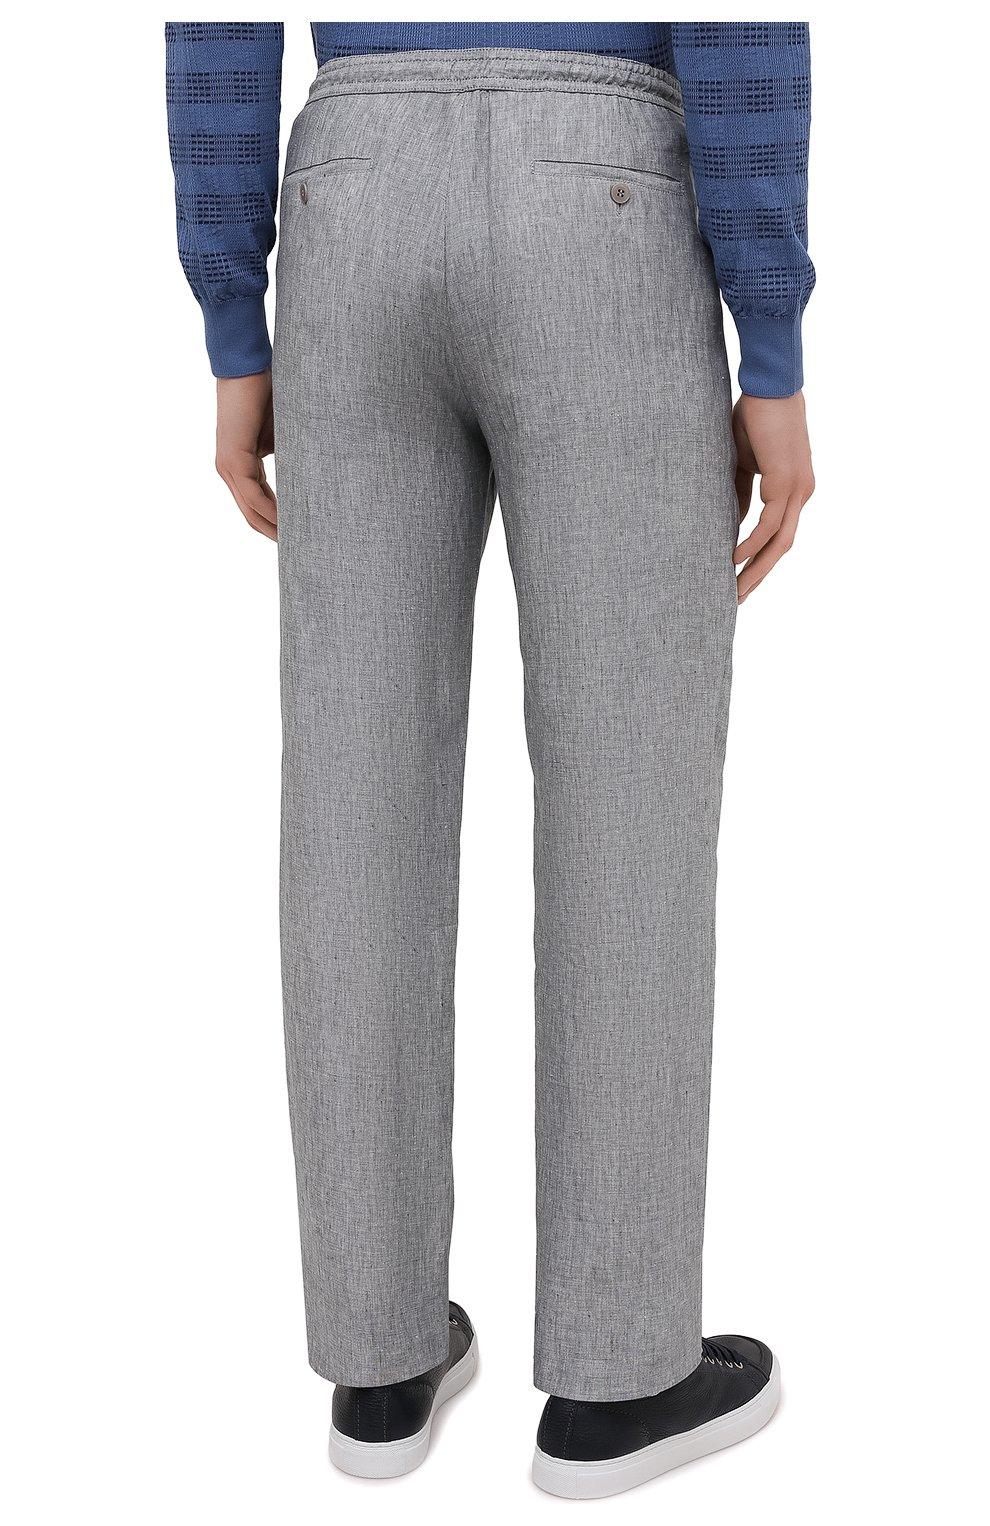 Мужские льняные брюки BRIONI серого цвета, арт. RPMJ0M/P6114/NEW JAMAICA   Фото 4 (Длина (брюки, джинсы): Стандартные; Случай: Повседневный; Материал внешний: Лен; Стили: Кэжуэл)